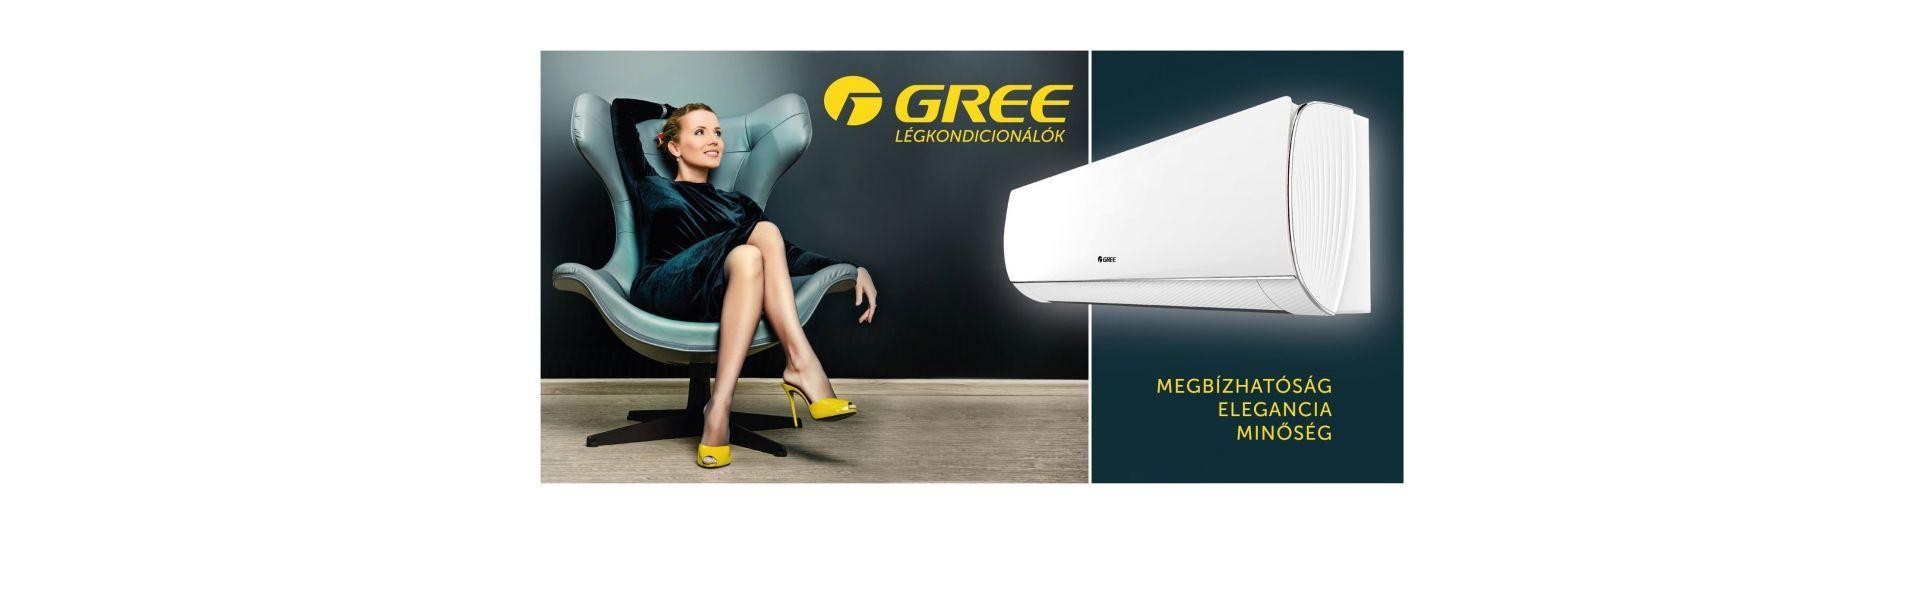 Gree légkondícionálók